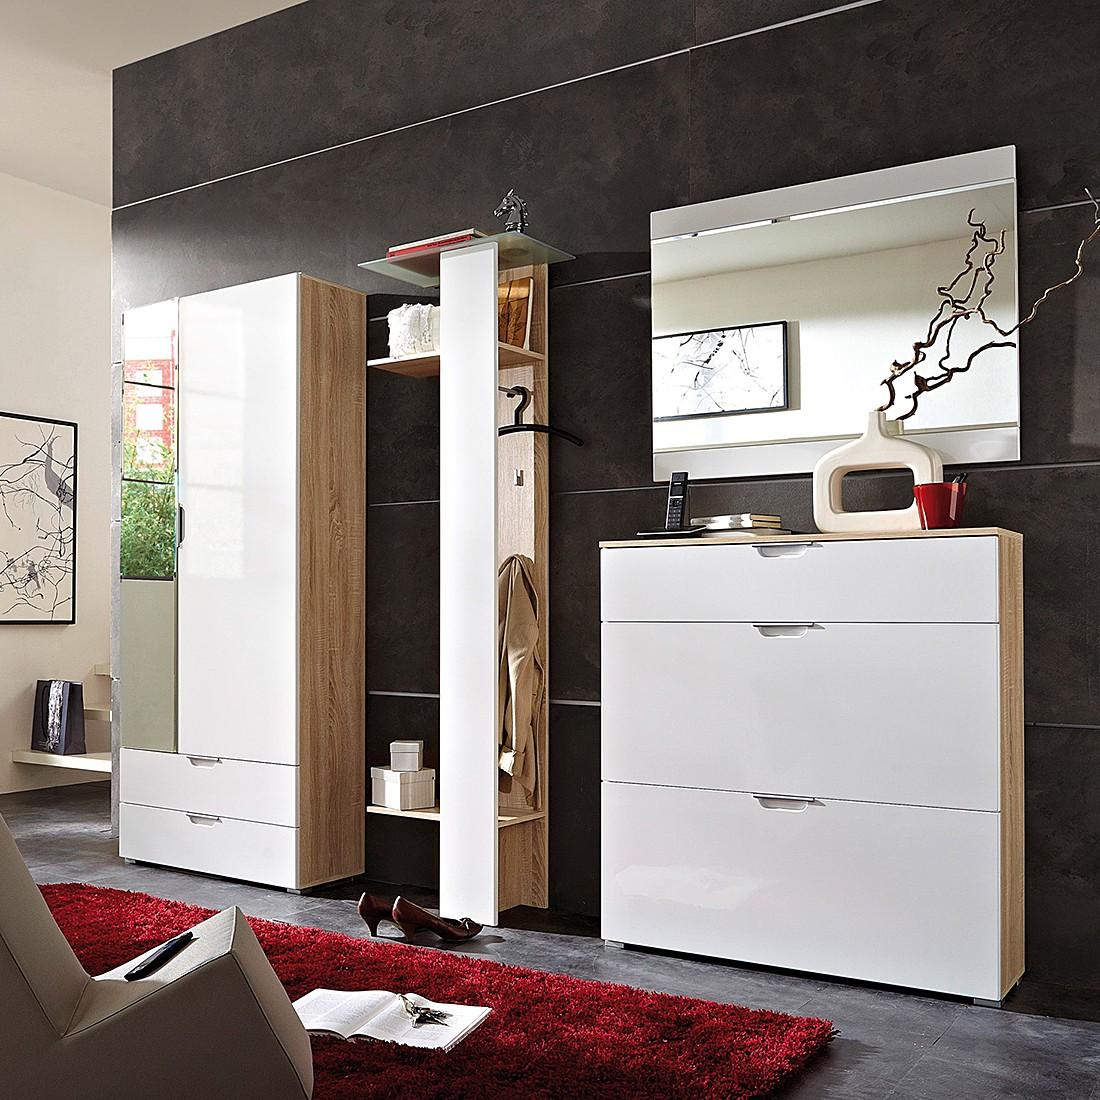 Garderobenset Neoo 4-teilig - Hochglanz Weiß/ Sonoma Eiche